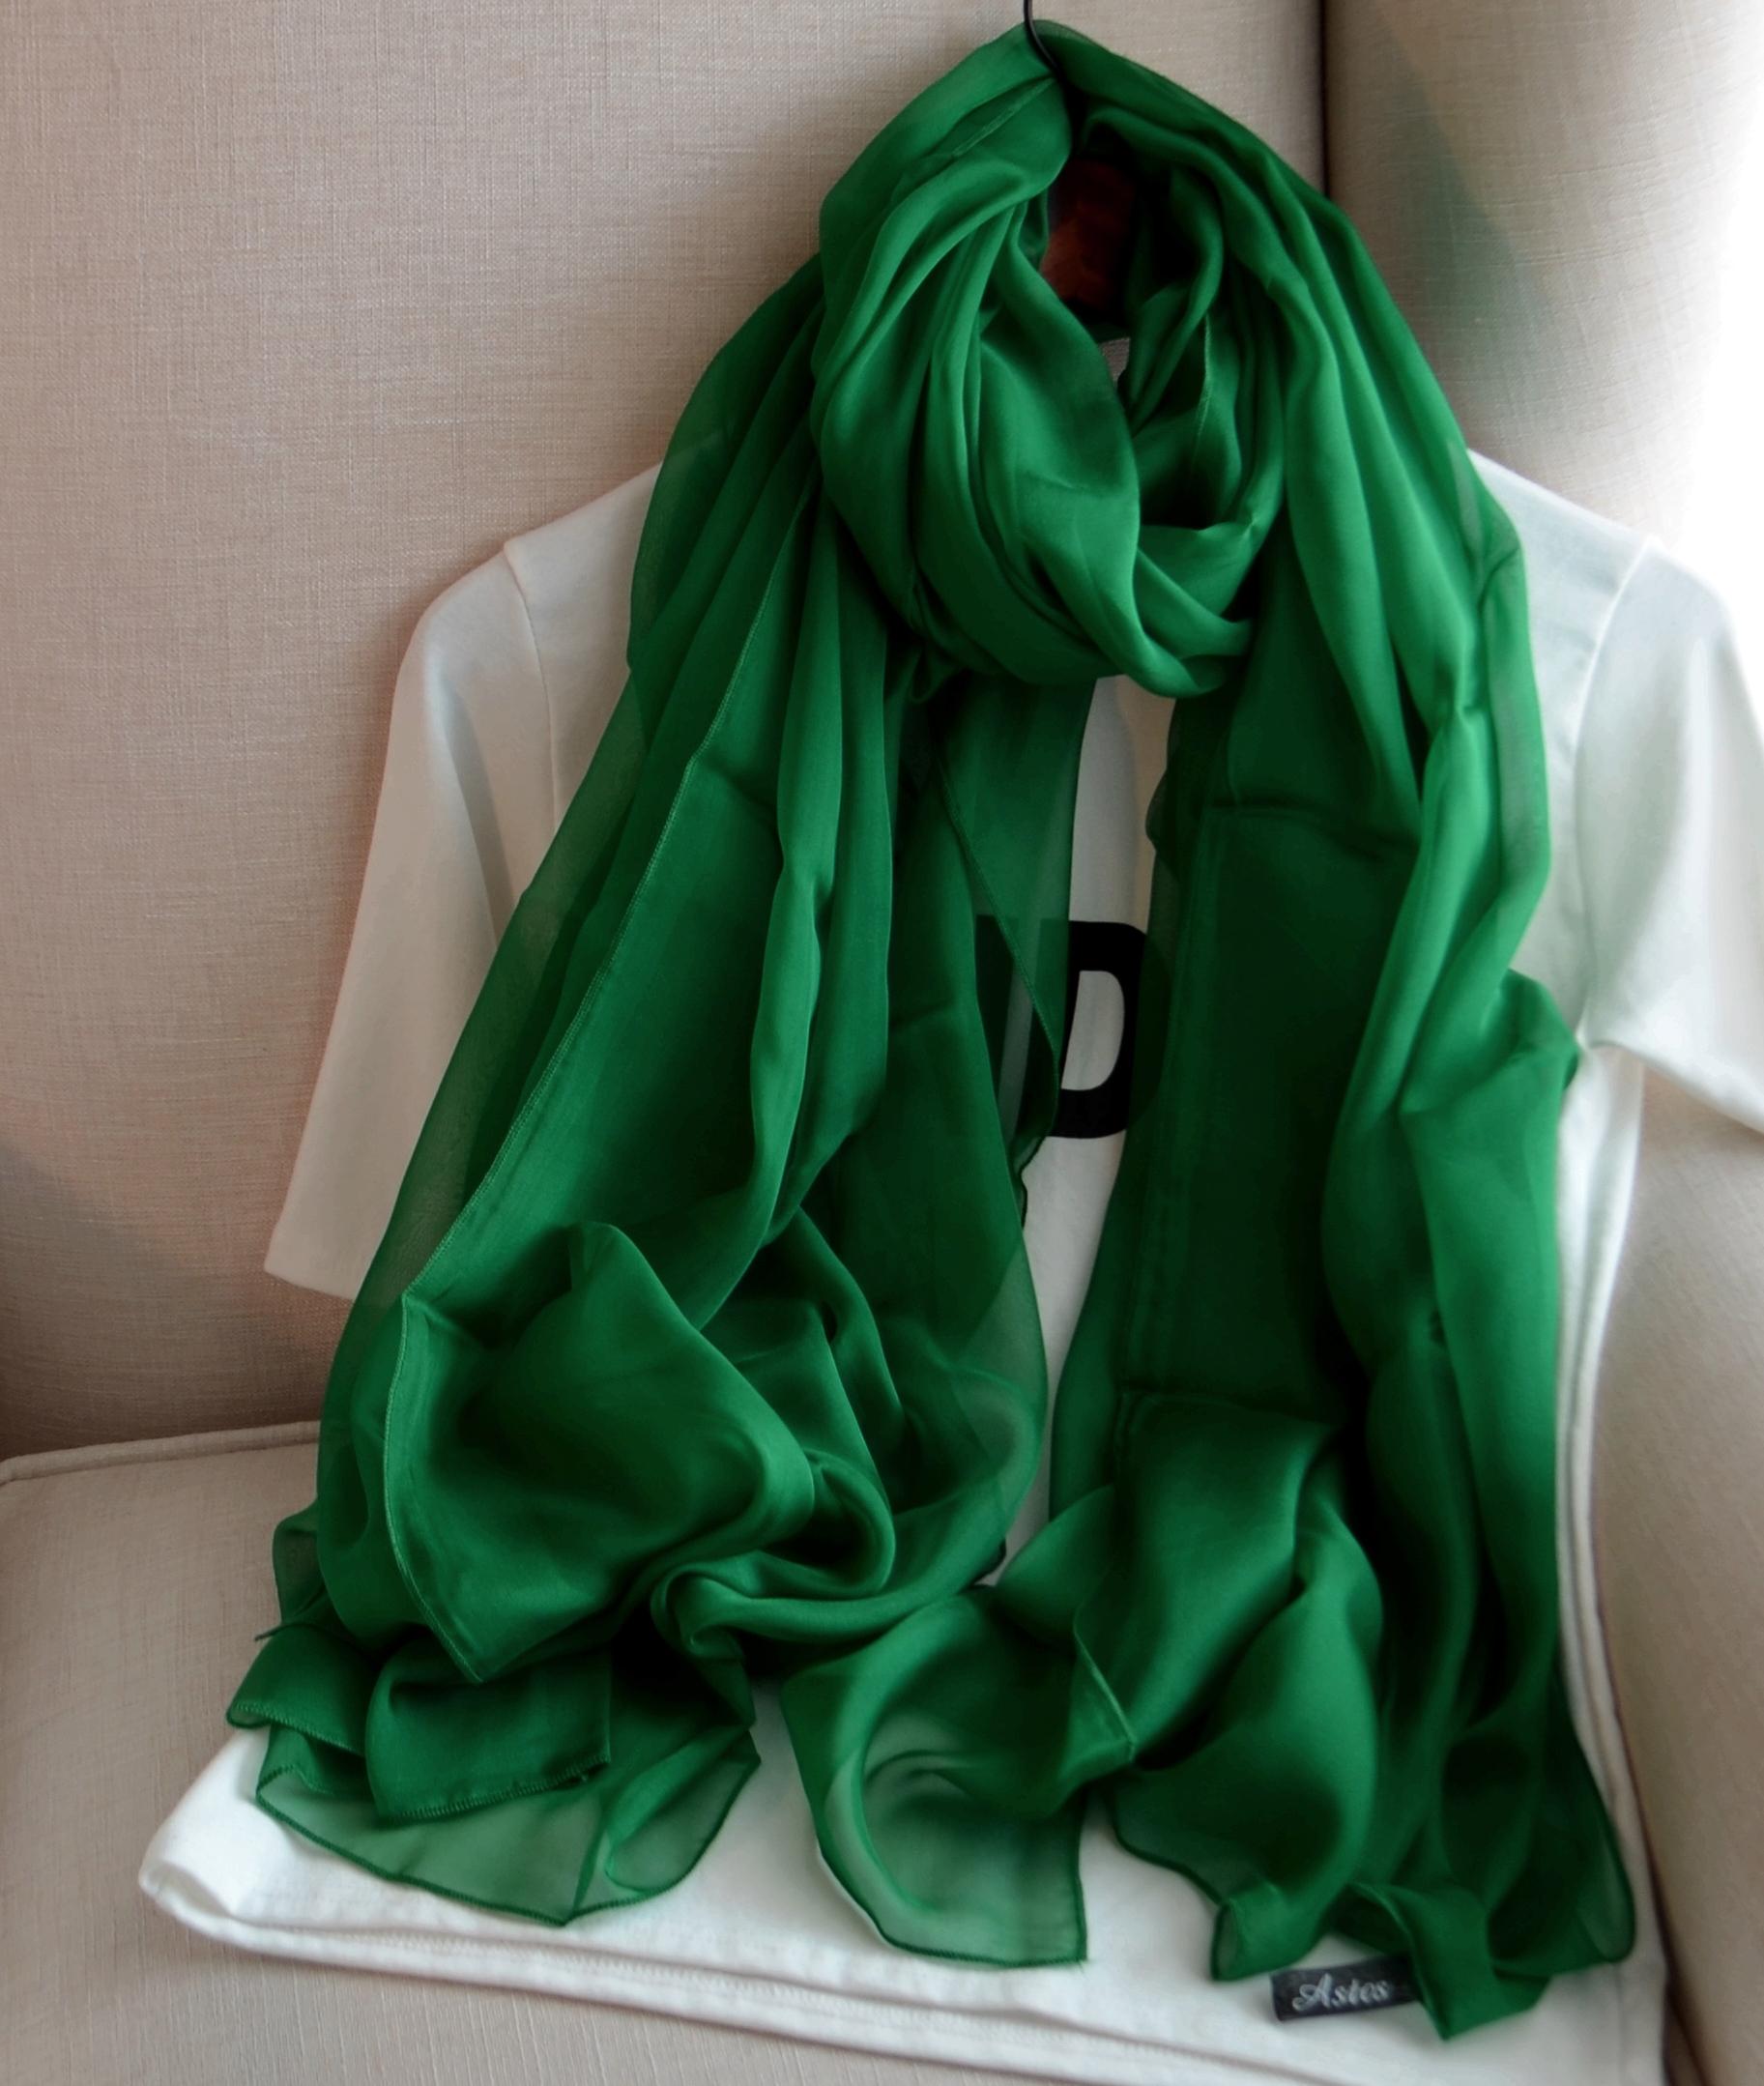 艾上图品牌百分百桑蚕丝巾女士百搭真丝超长纯色祖母绿围巾披肩春